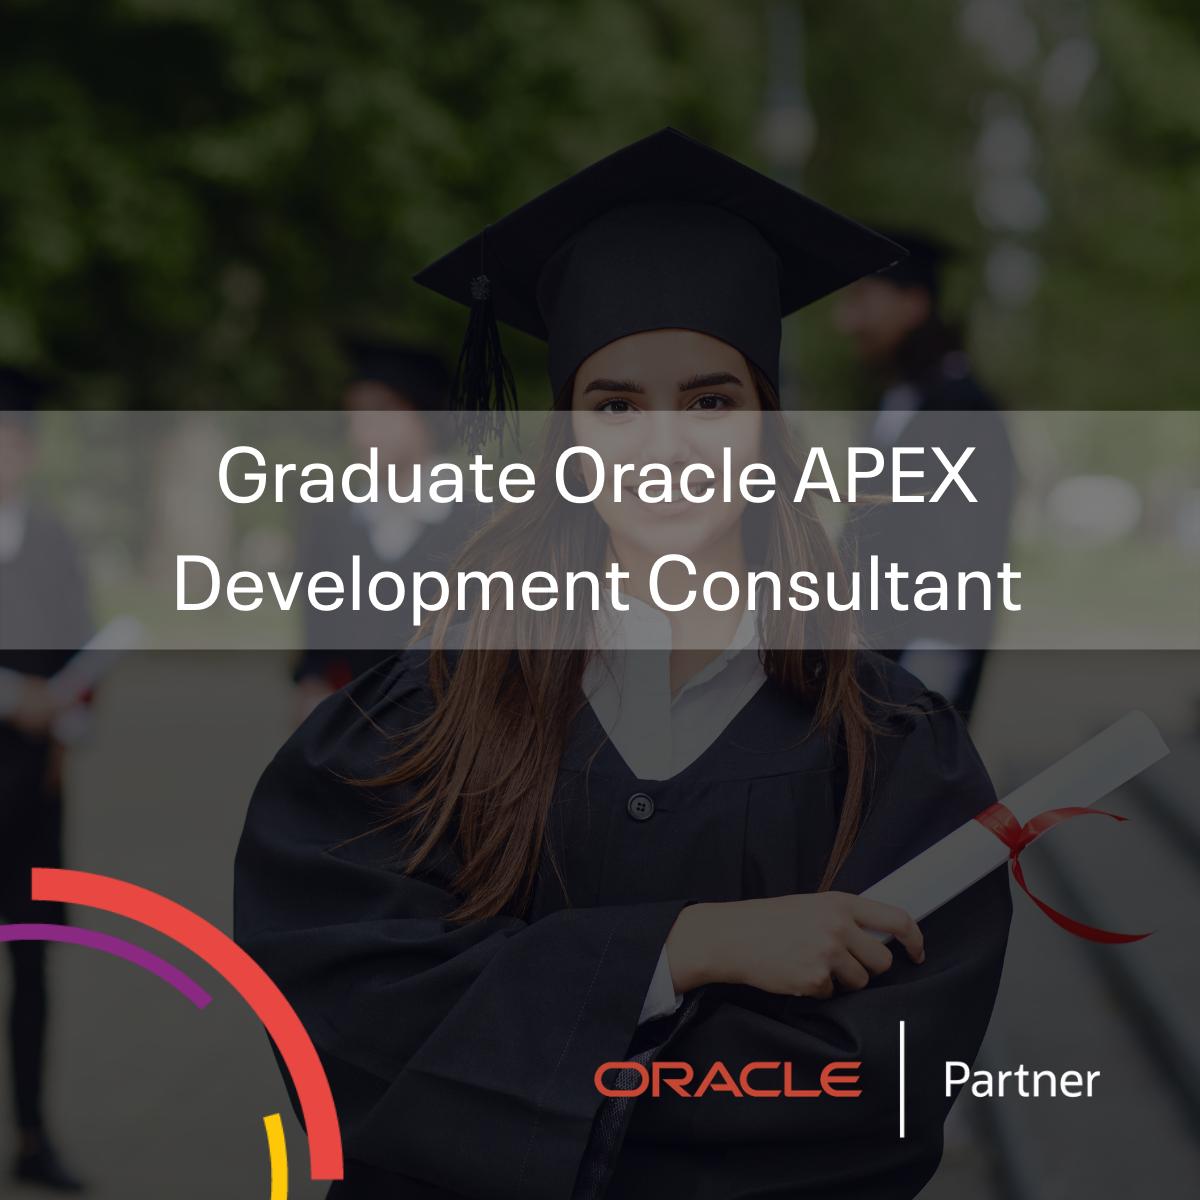 Graduate Oracle APEX Development Consultant